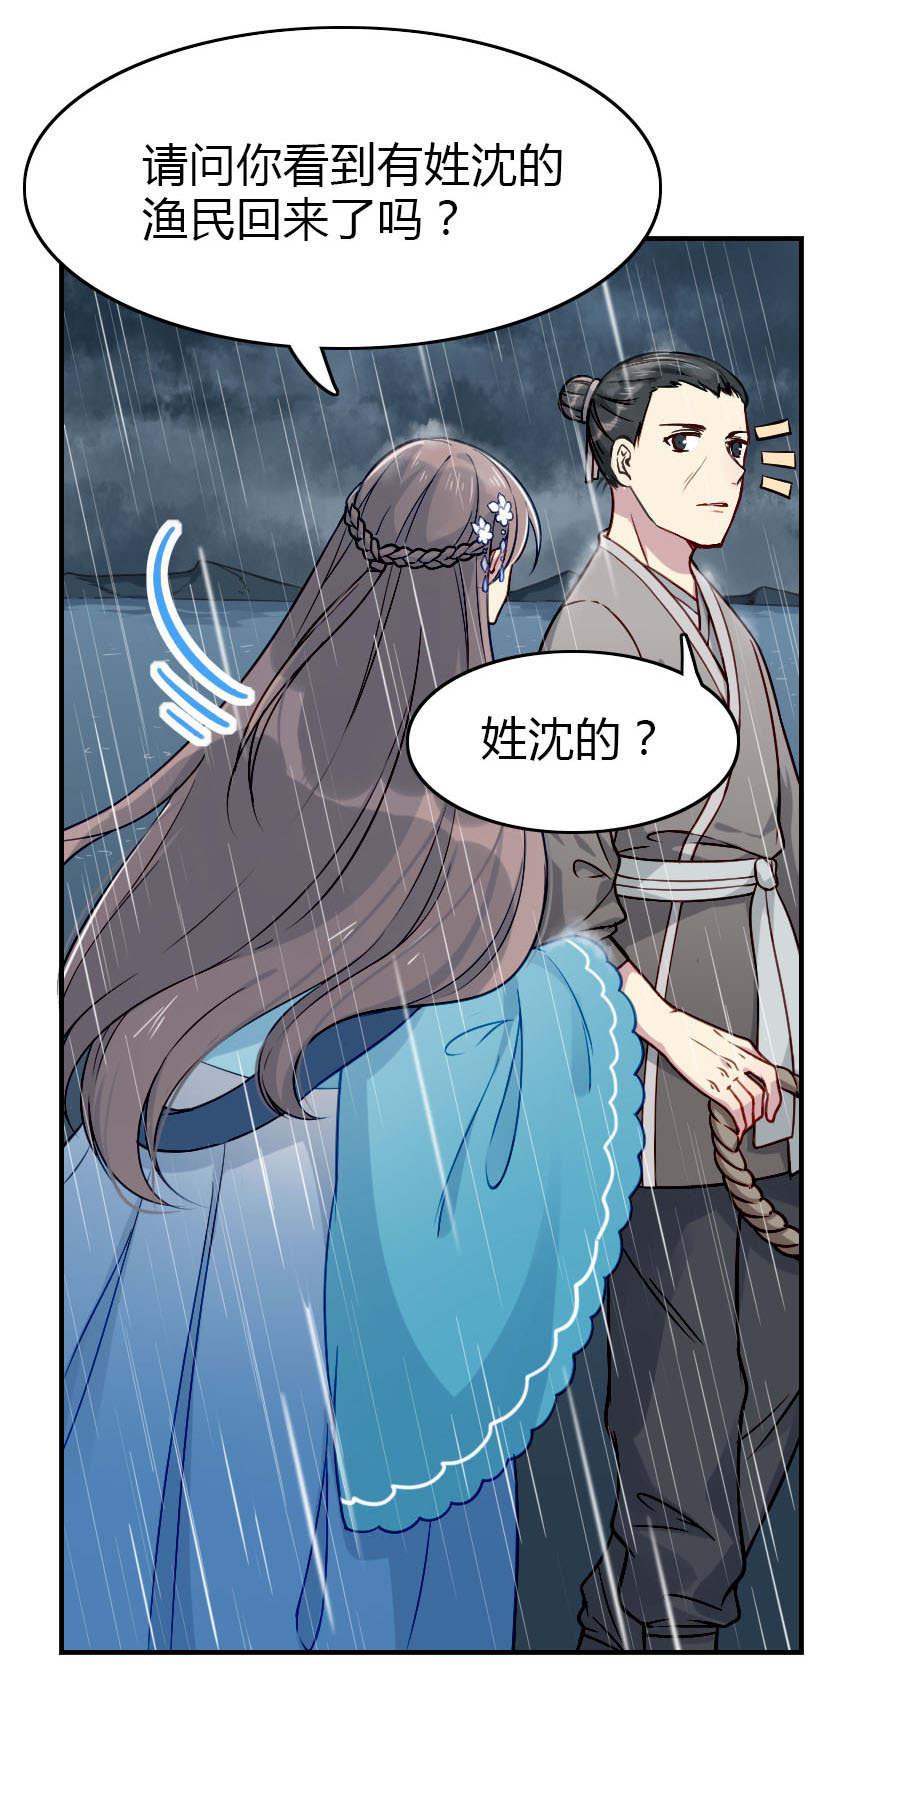 少年游第26话  红灯笼红 贪欲乃剧毒 第 7